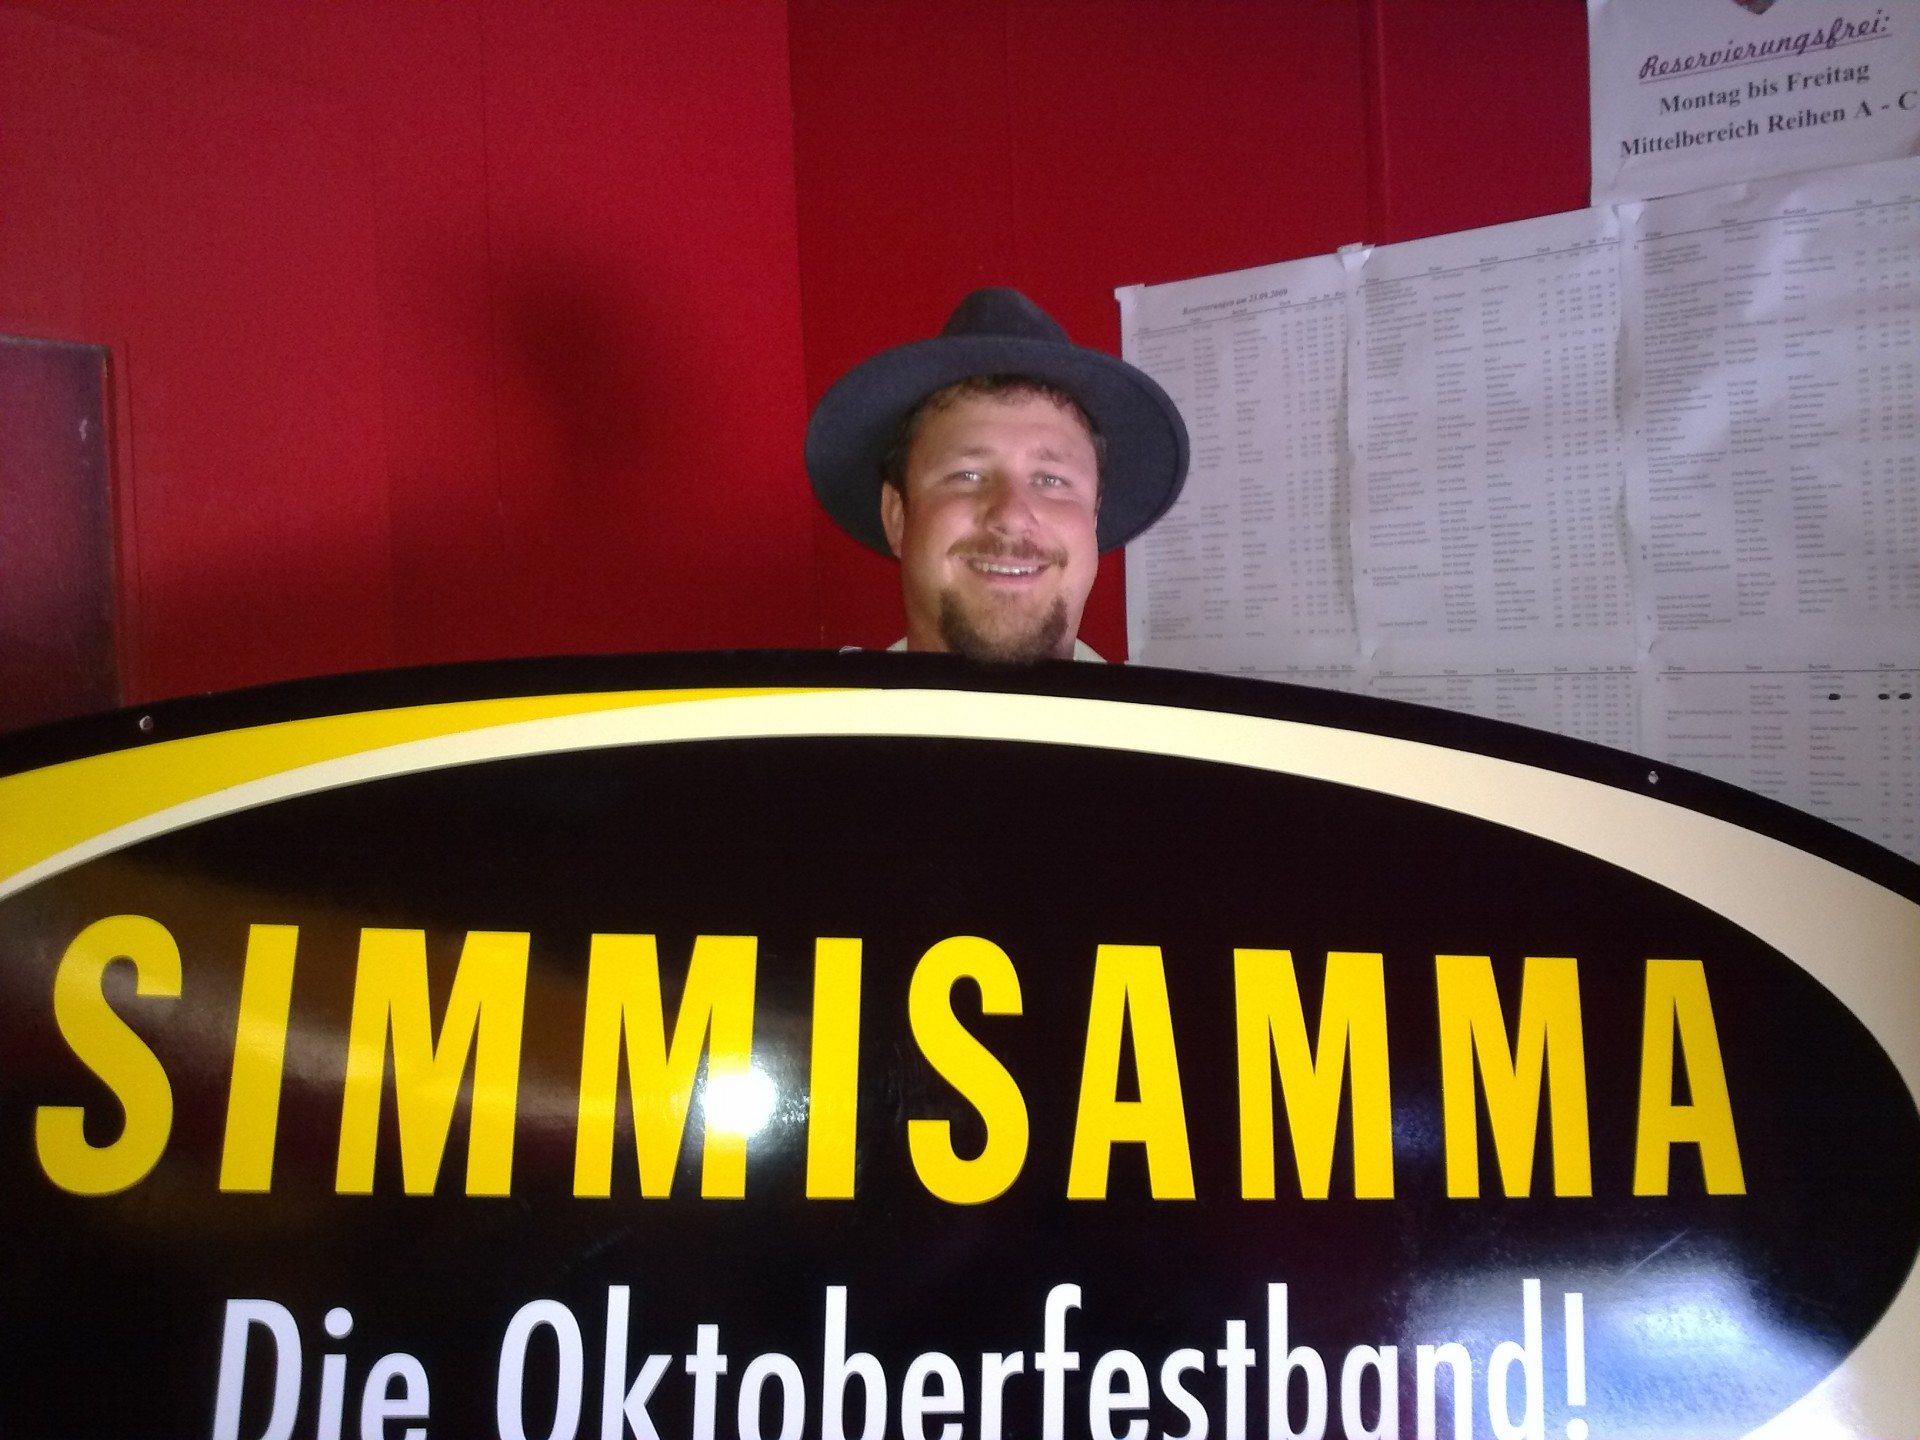 Simmisamma die Oktoberfestband – Konzert Hippodrom Oktoberfest München Deutschland 59